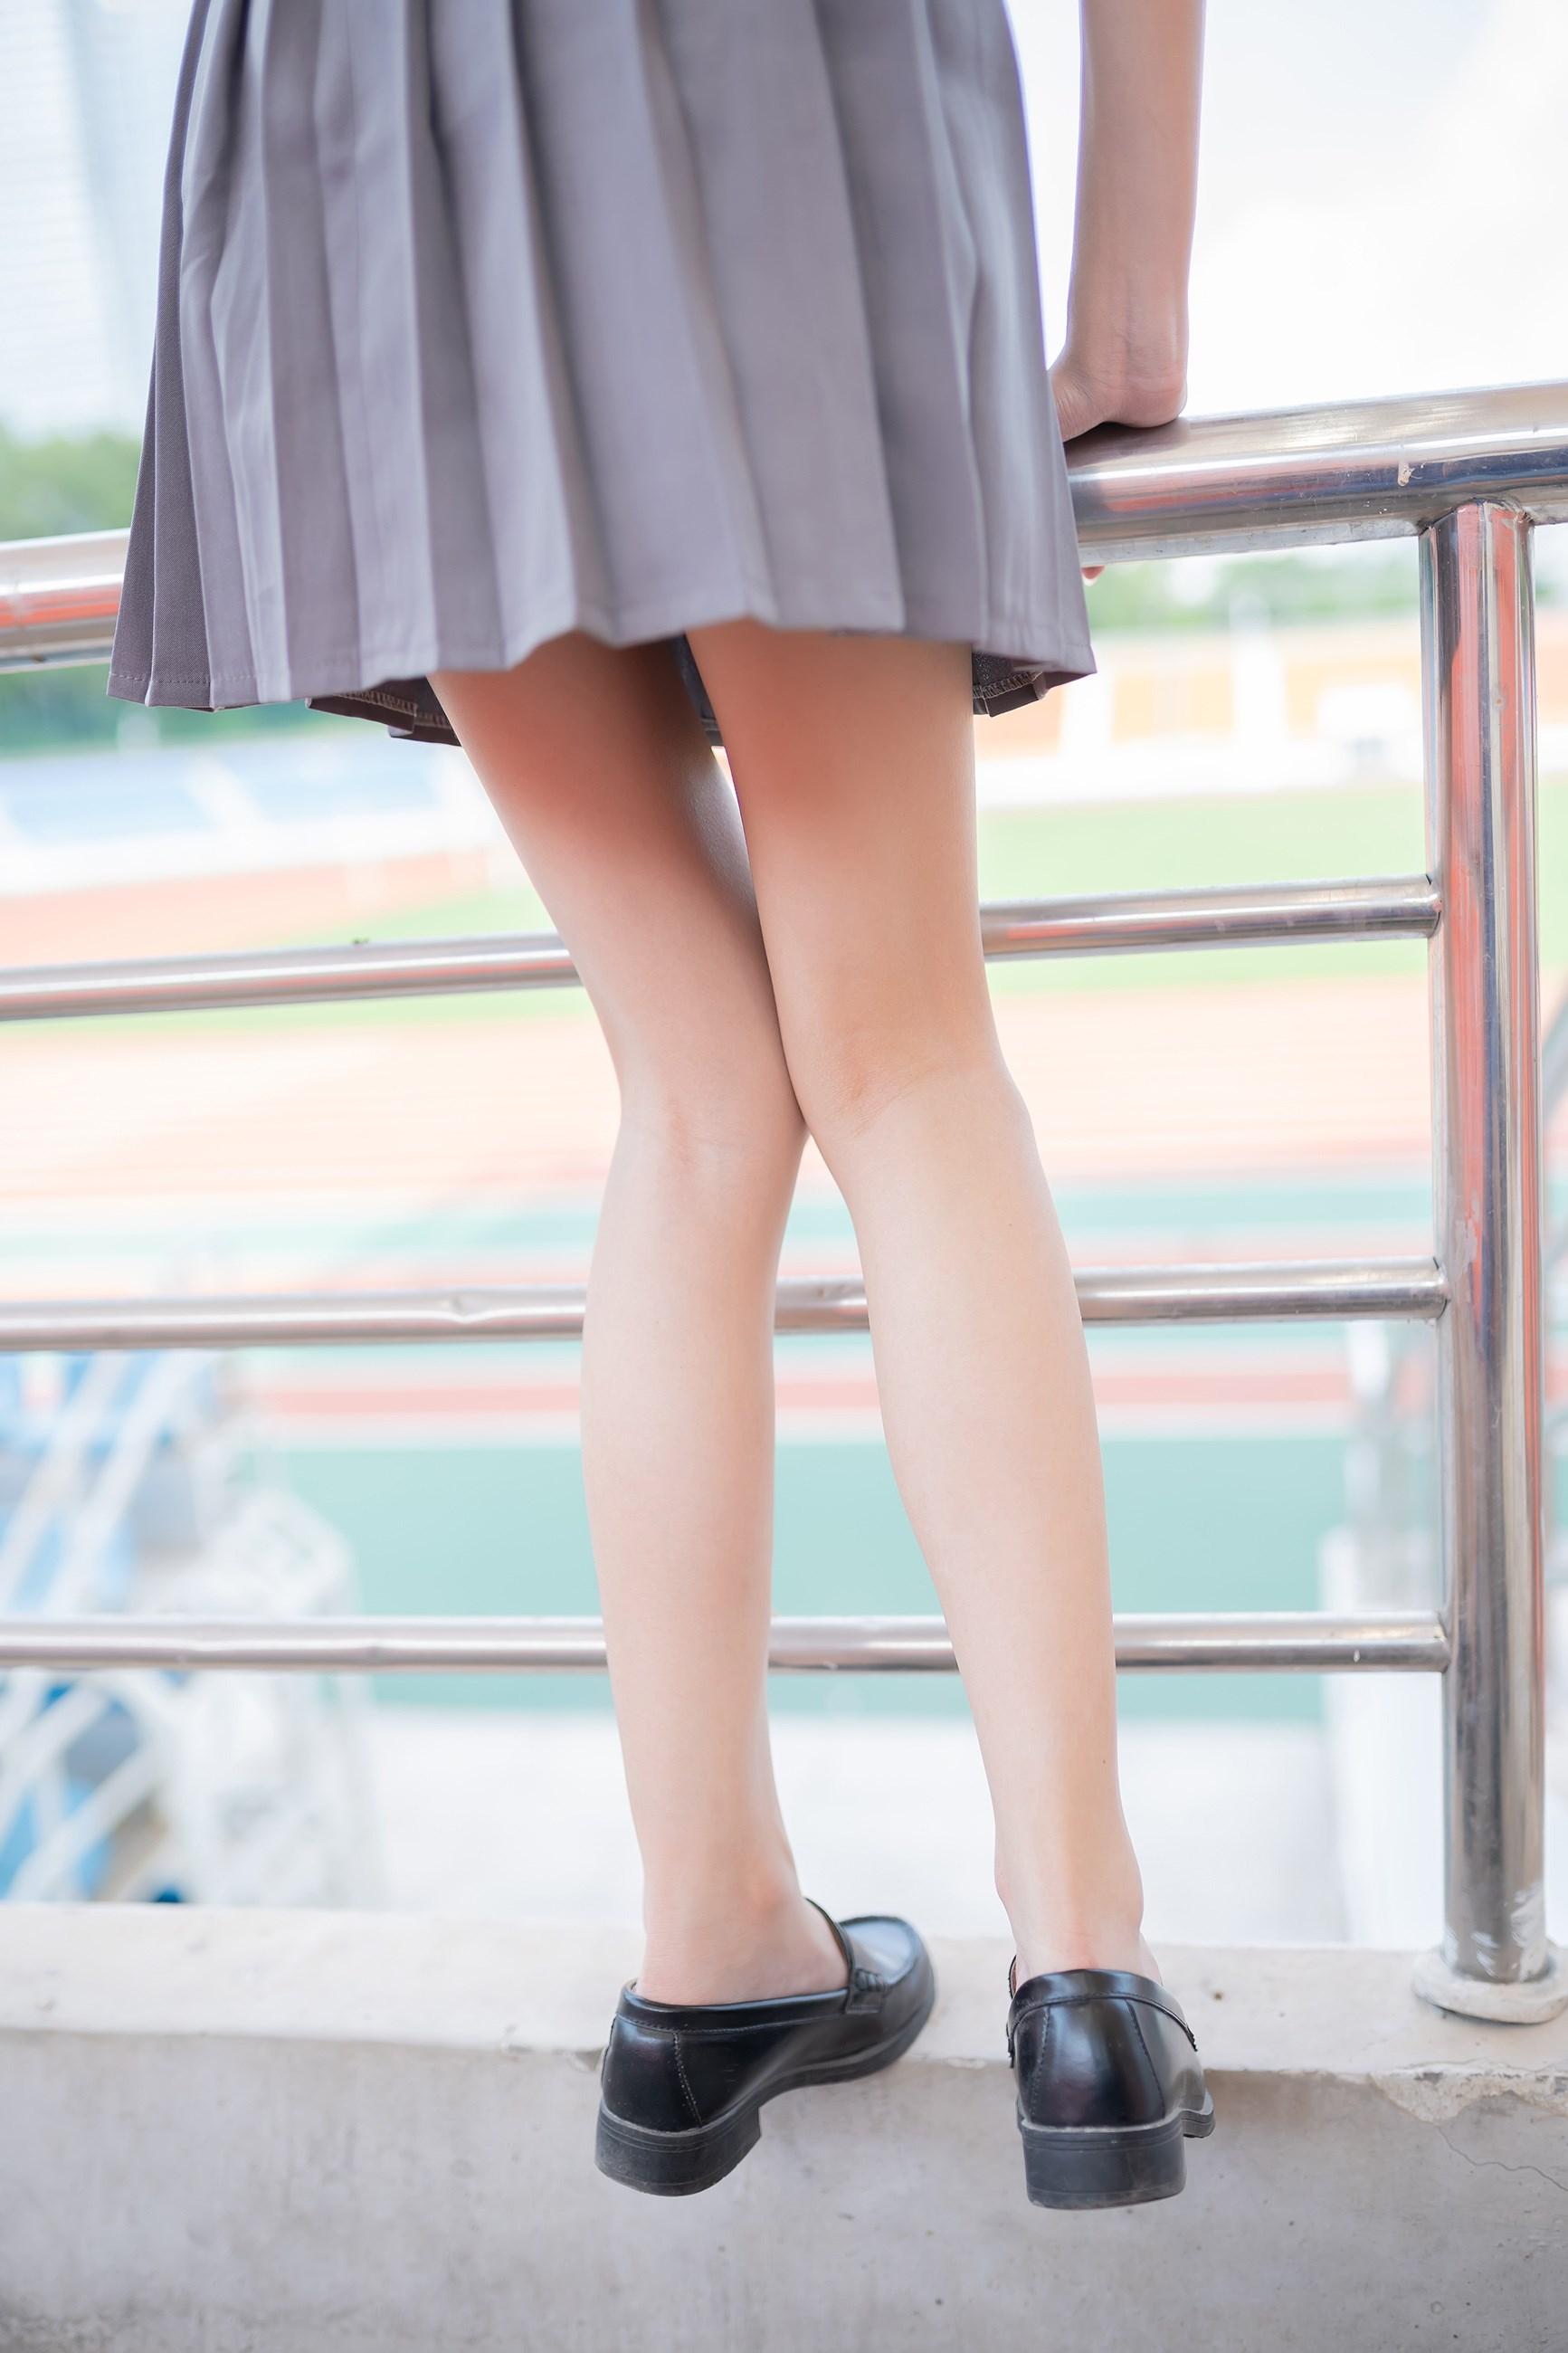 【兔玩映画】看台上的果腿少女 兔玩映画 第31张